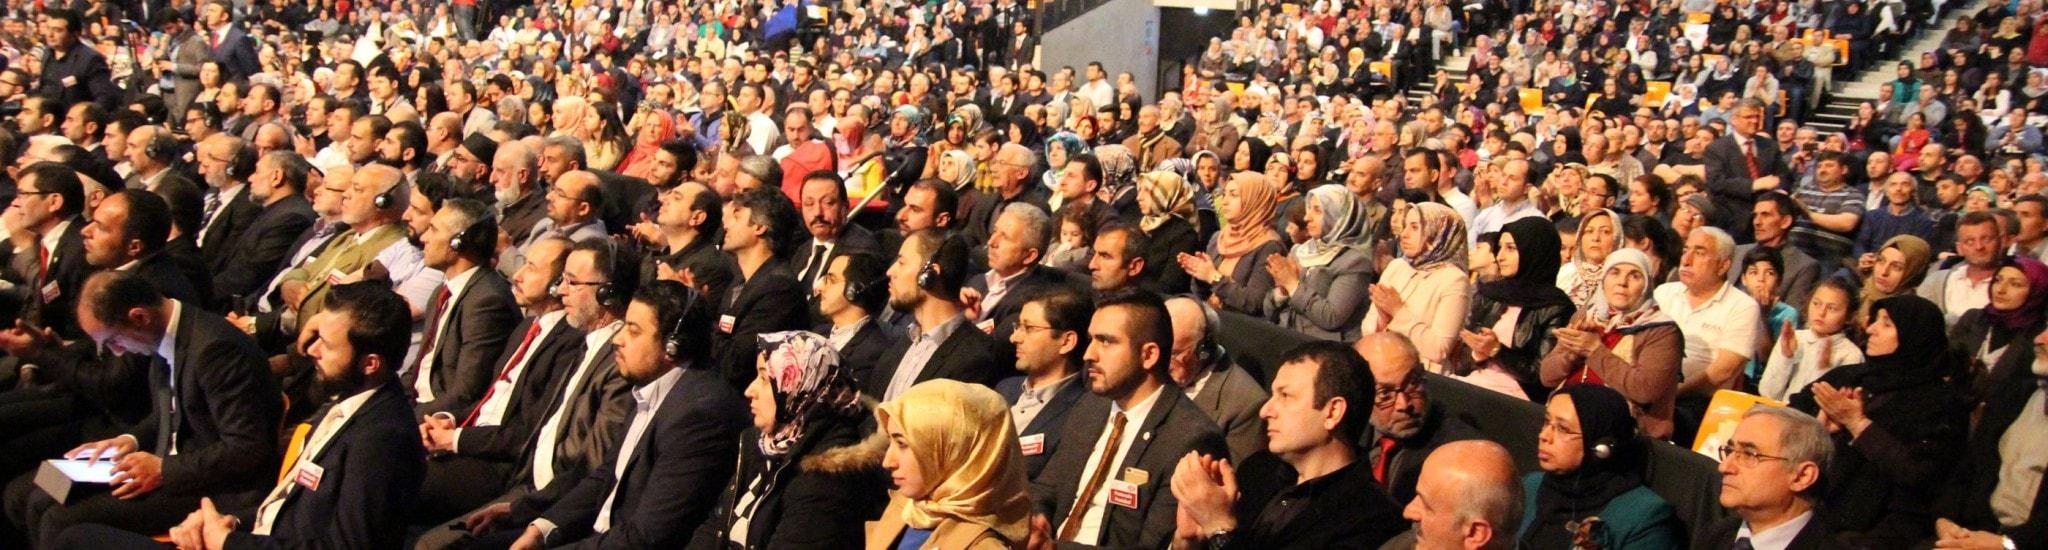 Le grand mufti de Turquie soigne sa diaspora à Strasbourg